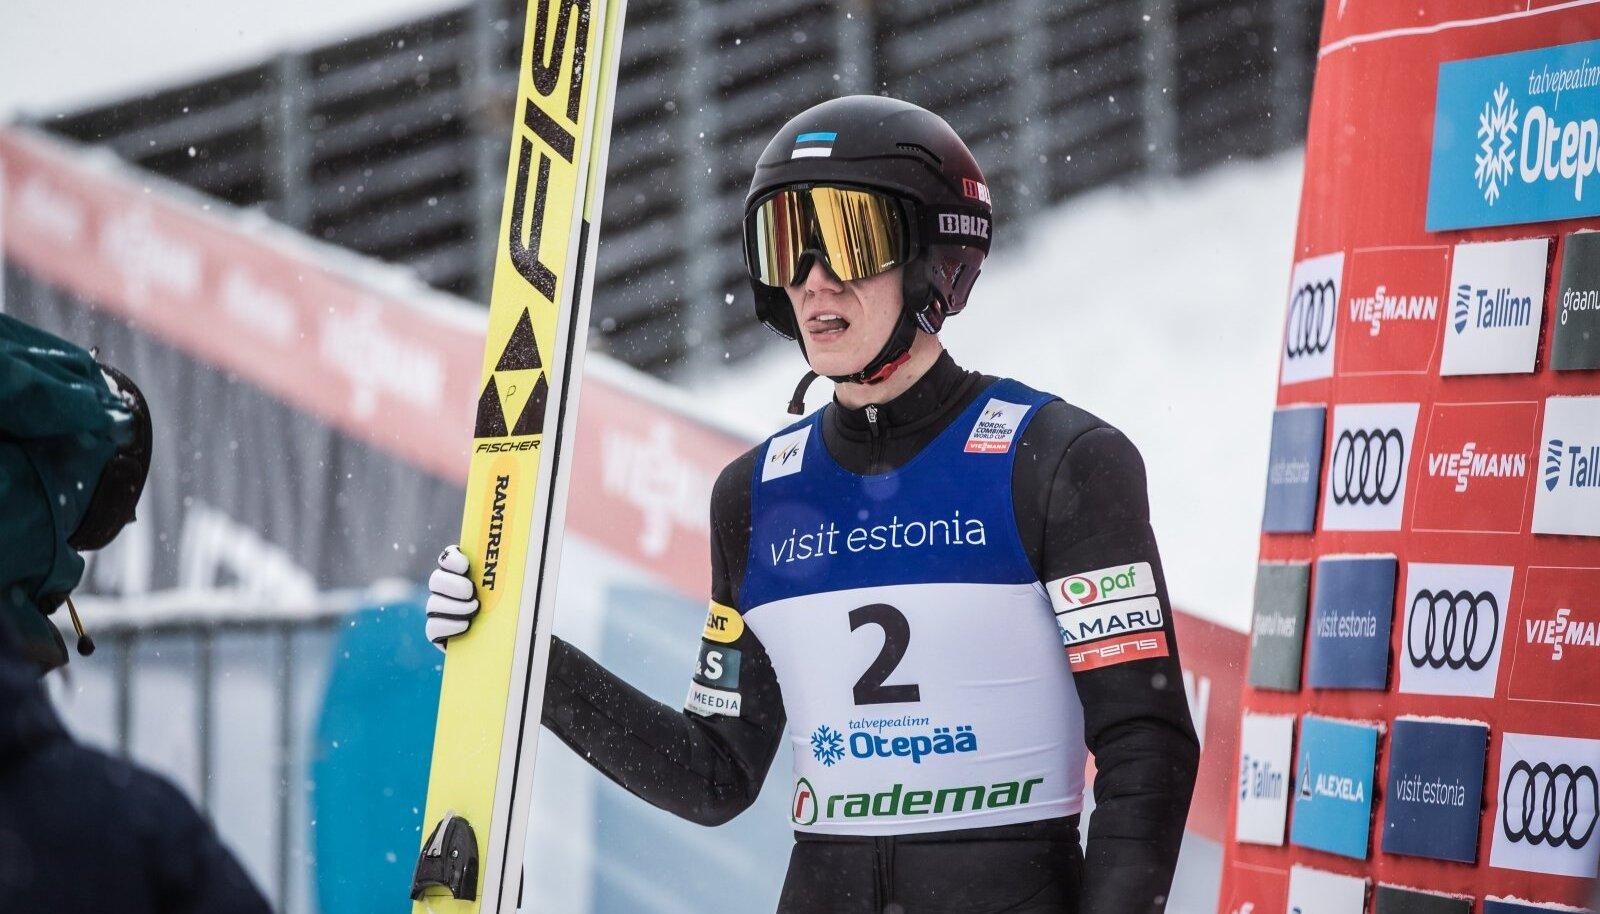 Kristjan Ilves 2019. aasta Otepää MK-etapil.